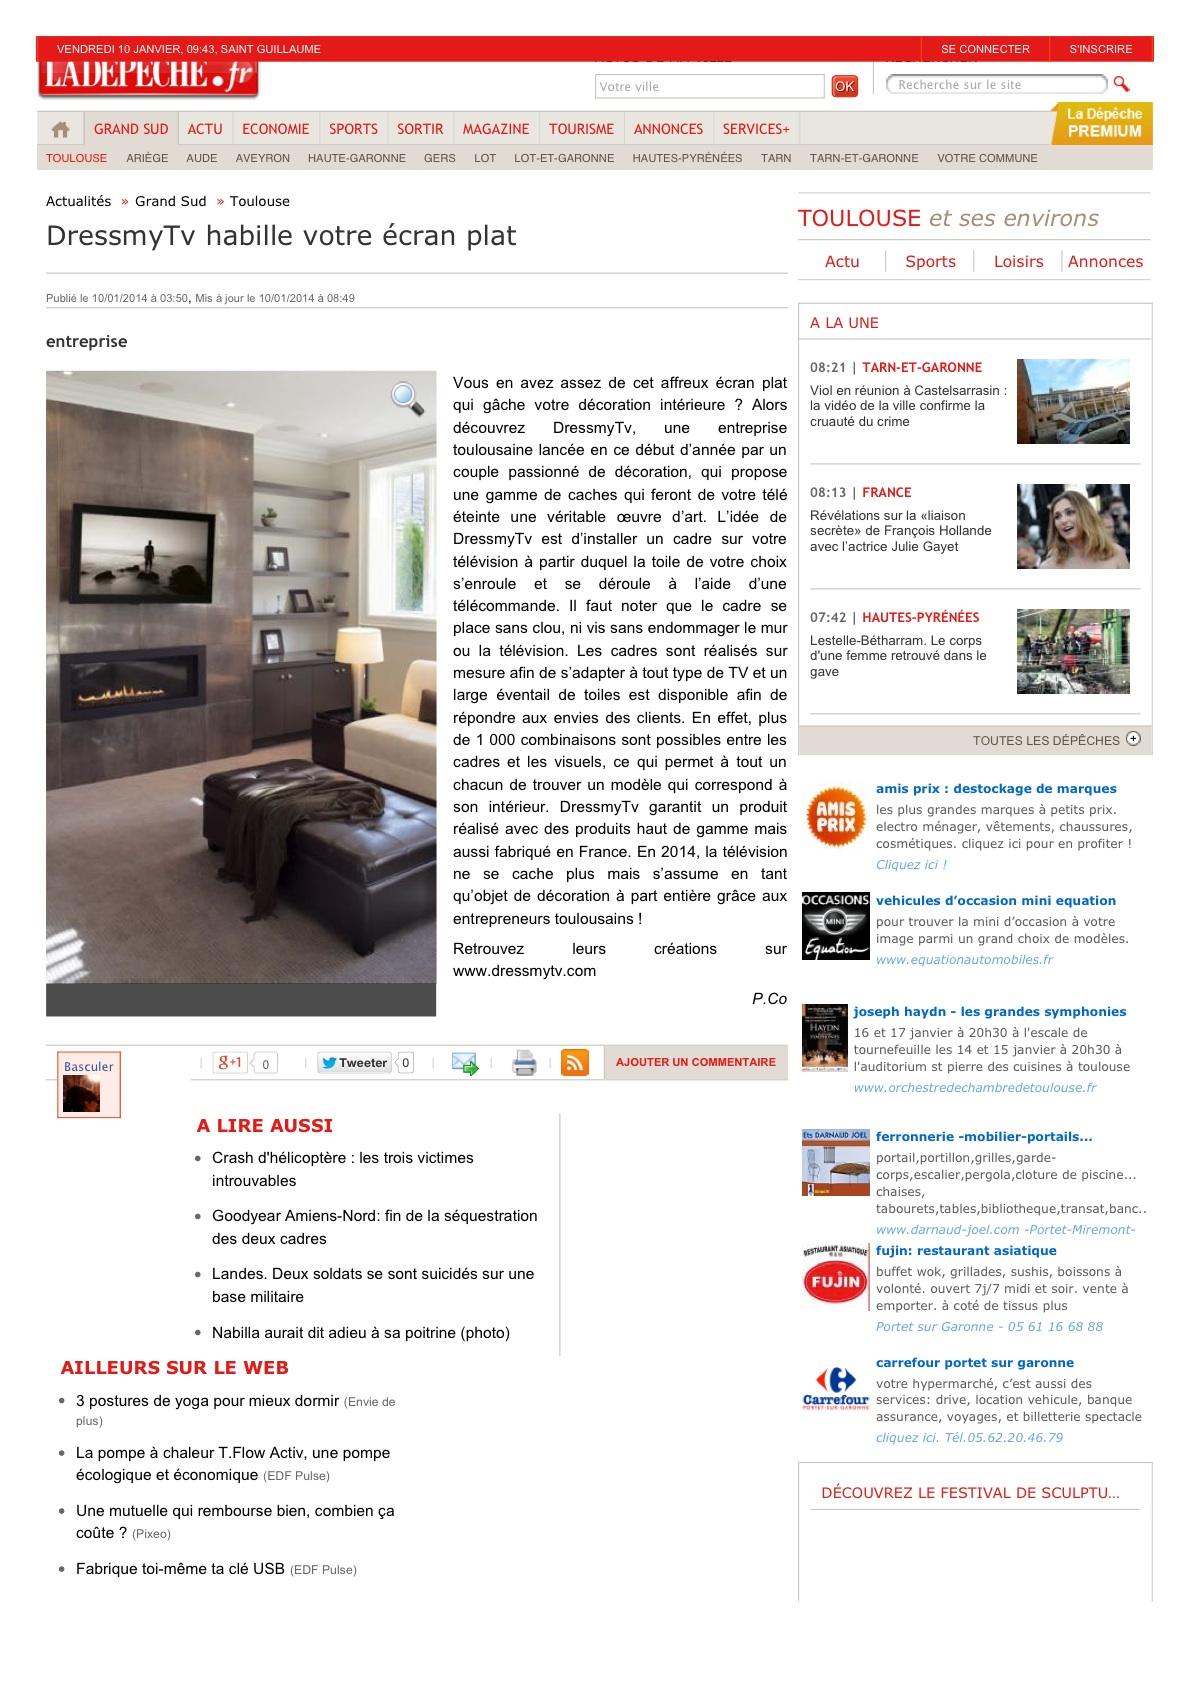 DressmyTv -LaDépêche.fr